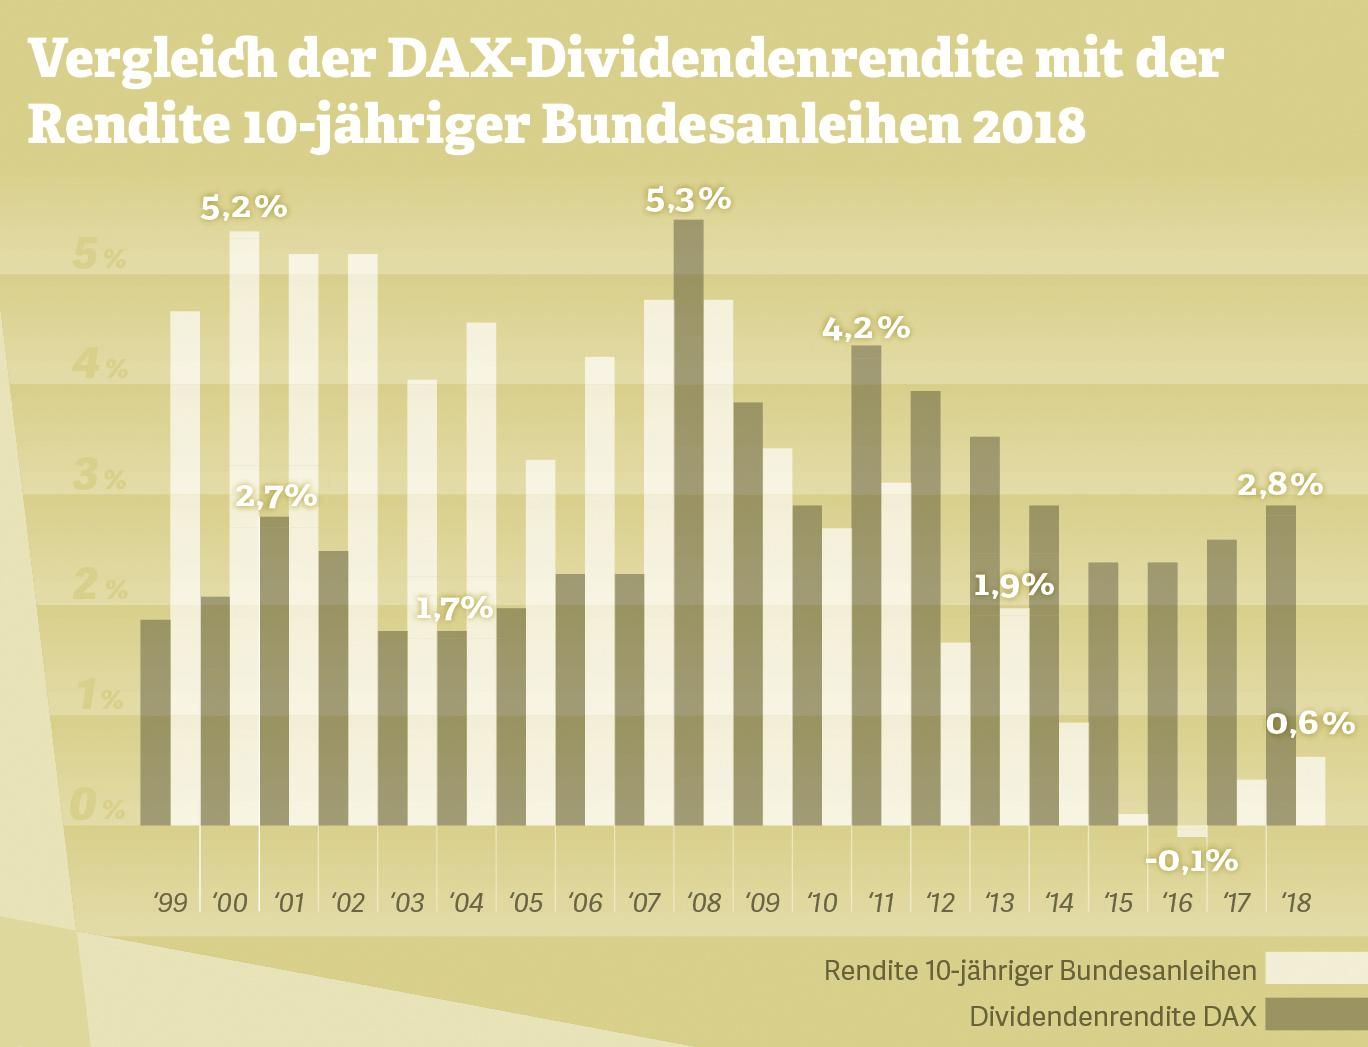 Vergleich der DAX-Dividendenrendite mit der Rendite 10-jähriger Bundesanleihen 2018. Quelle: boerse.de, 2018